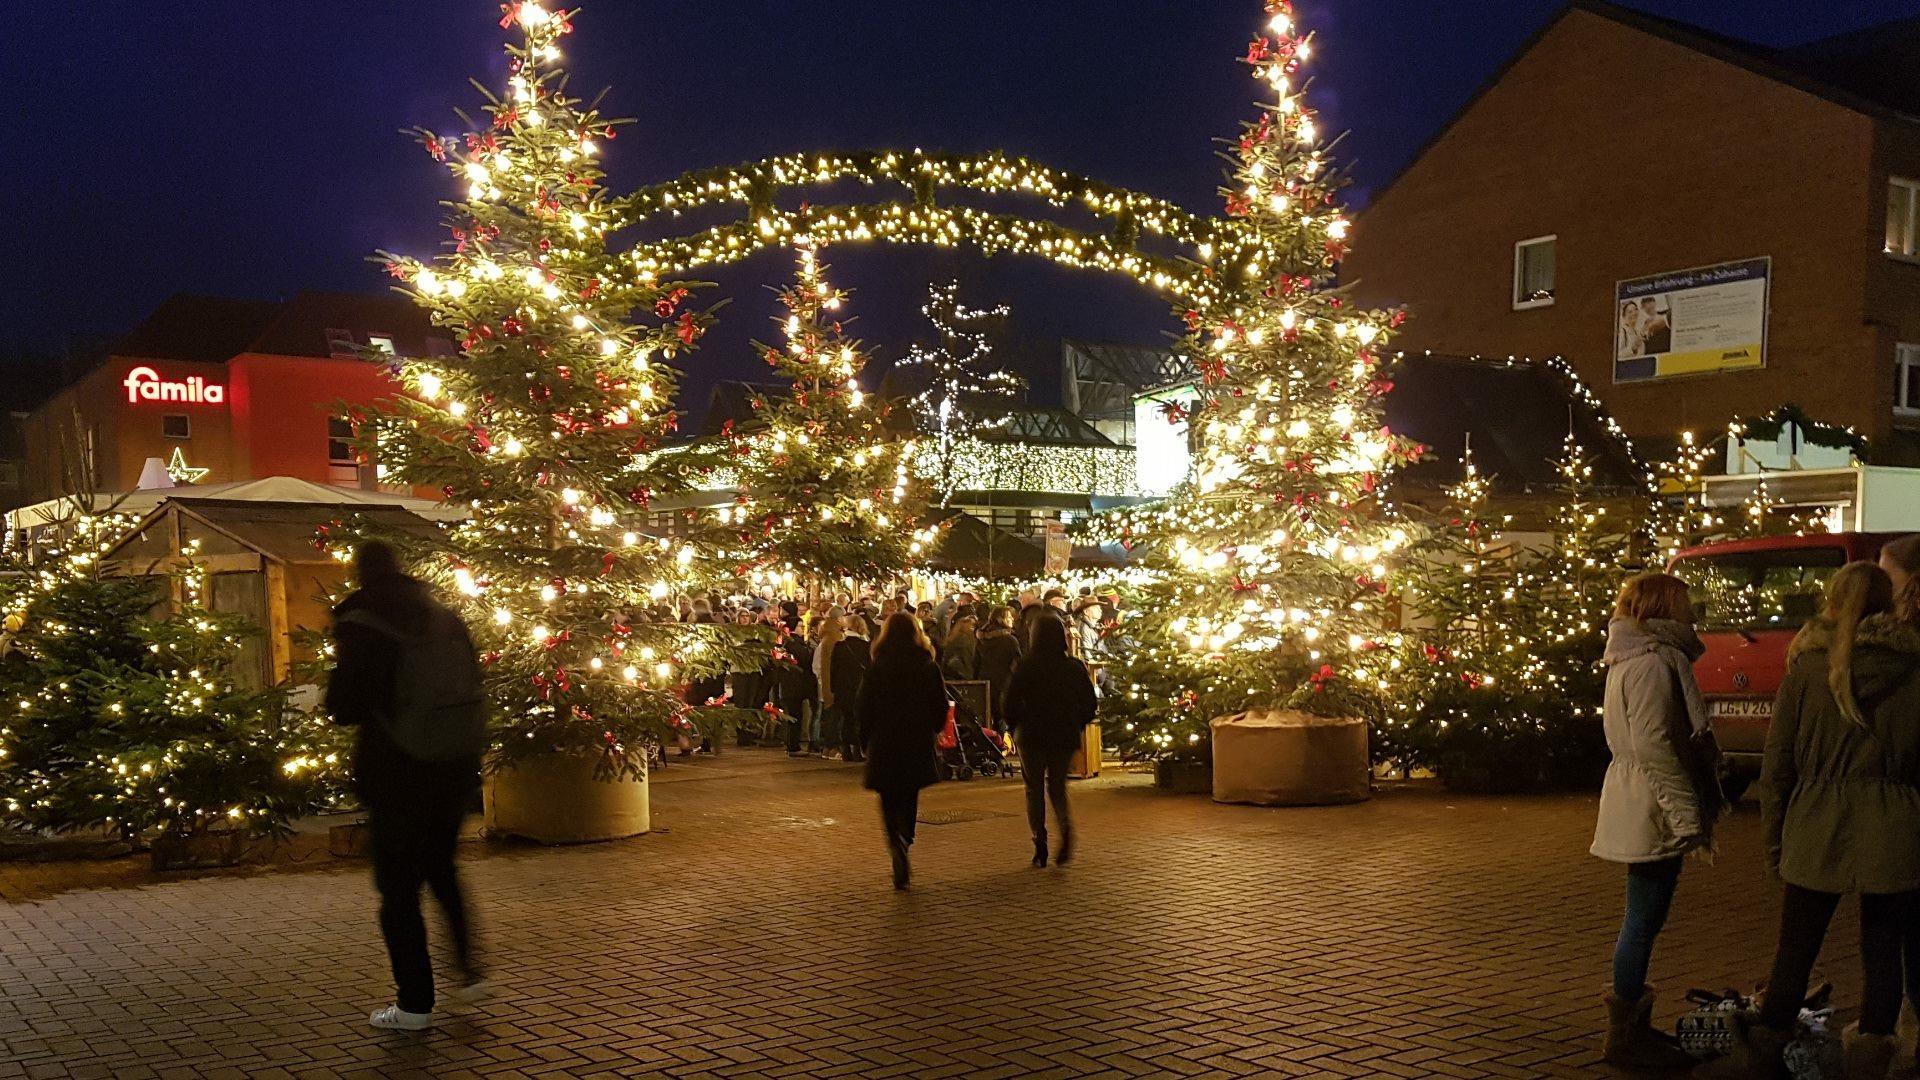 Totensonntag Weihnachtsmarkt.Weihnachtsmarkt Nicht Vor Totensonntag Buchholzer Liste